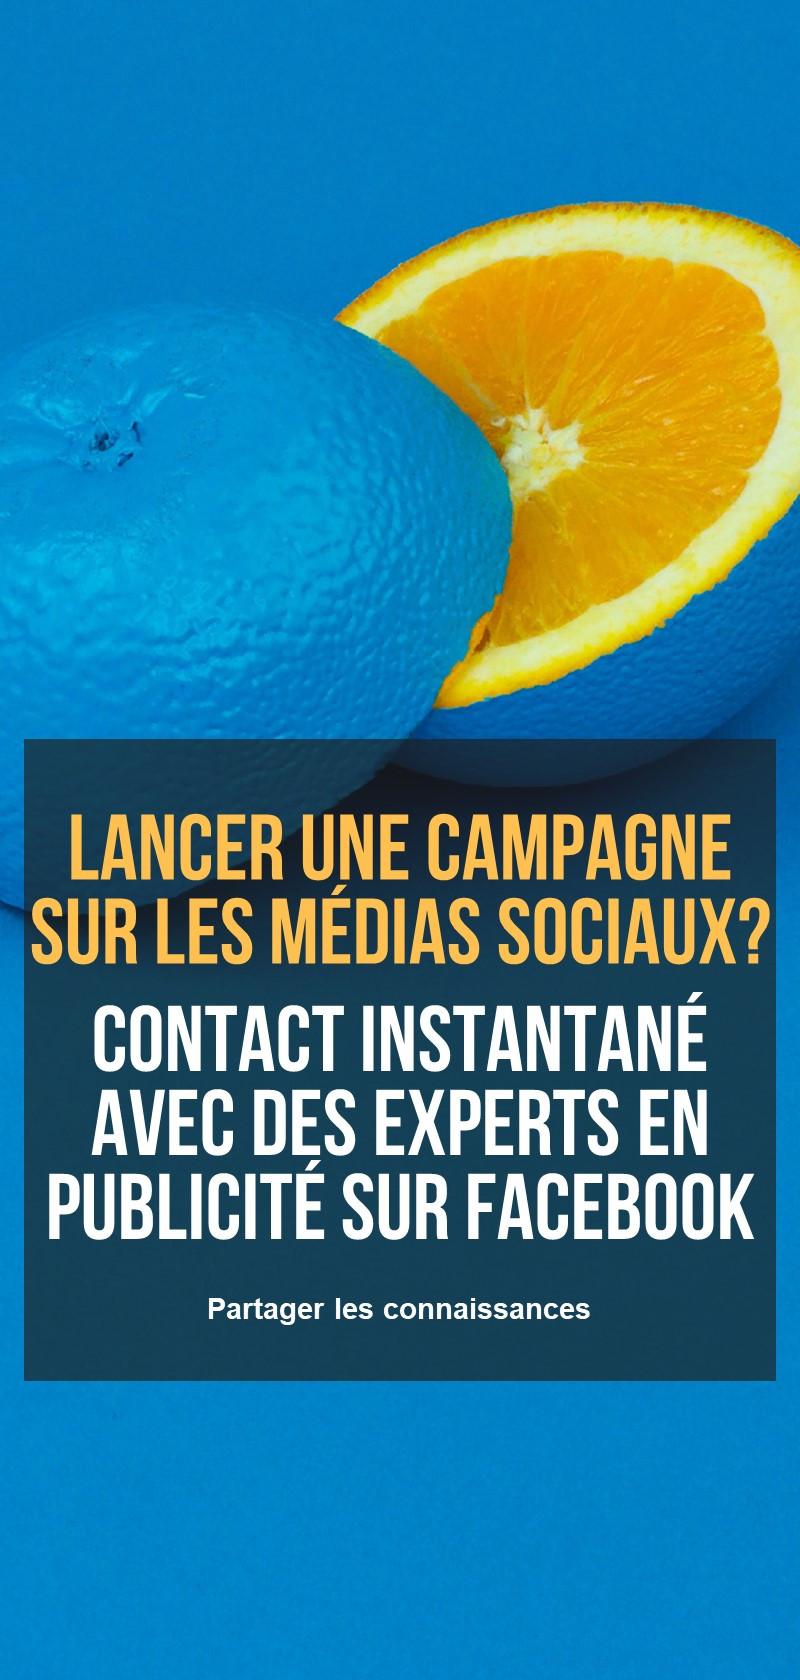 Soutien à la publicité sur Facebook